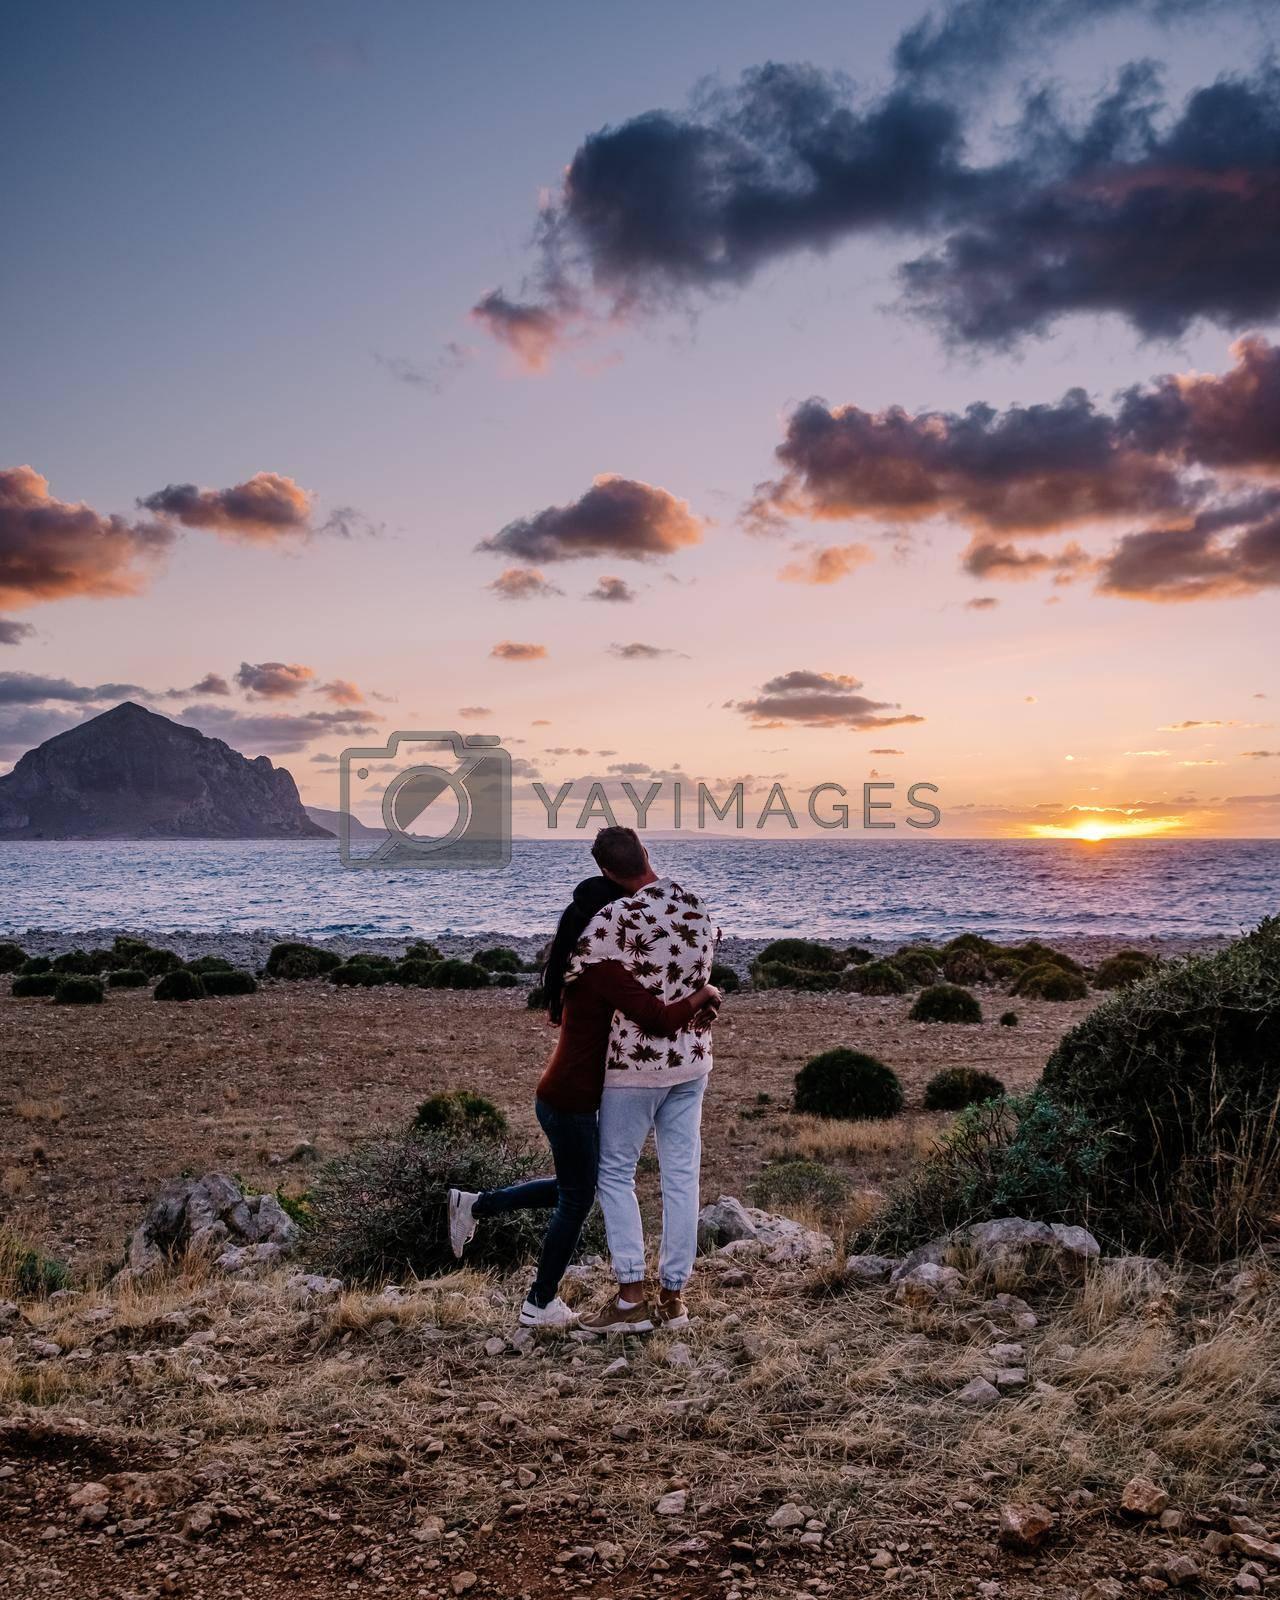 San Vito Lo Capo Sicily, San Vito lo Capo beach and Monte Monaco in background, north-western Sicily. cliffs and rocky coastline in Sicily